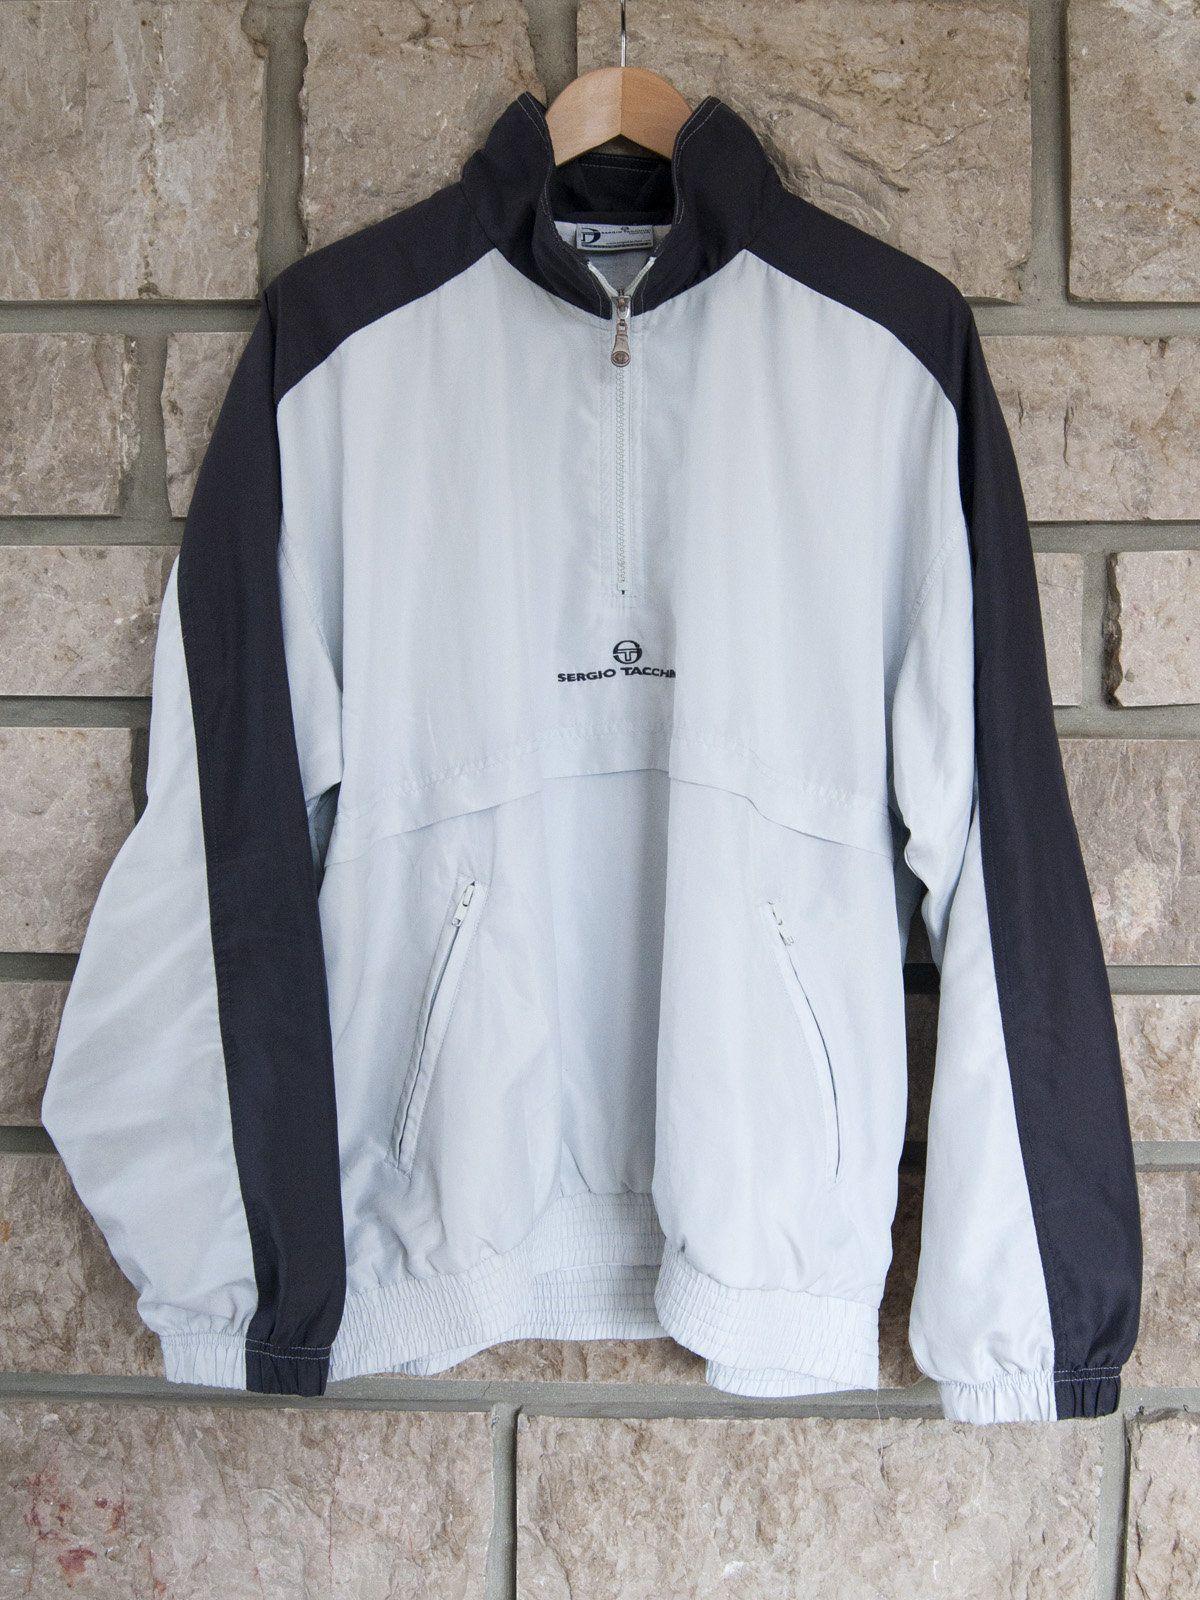 8f7ea993ebac Vintage tracksuit jacket for mens